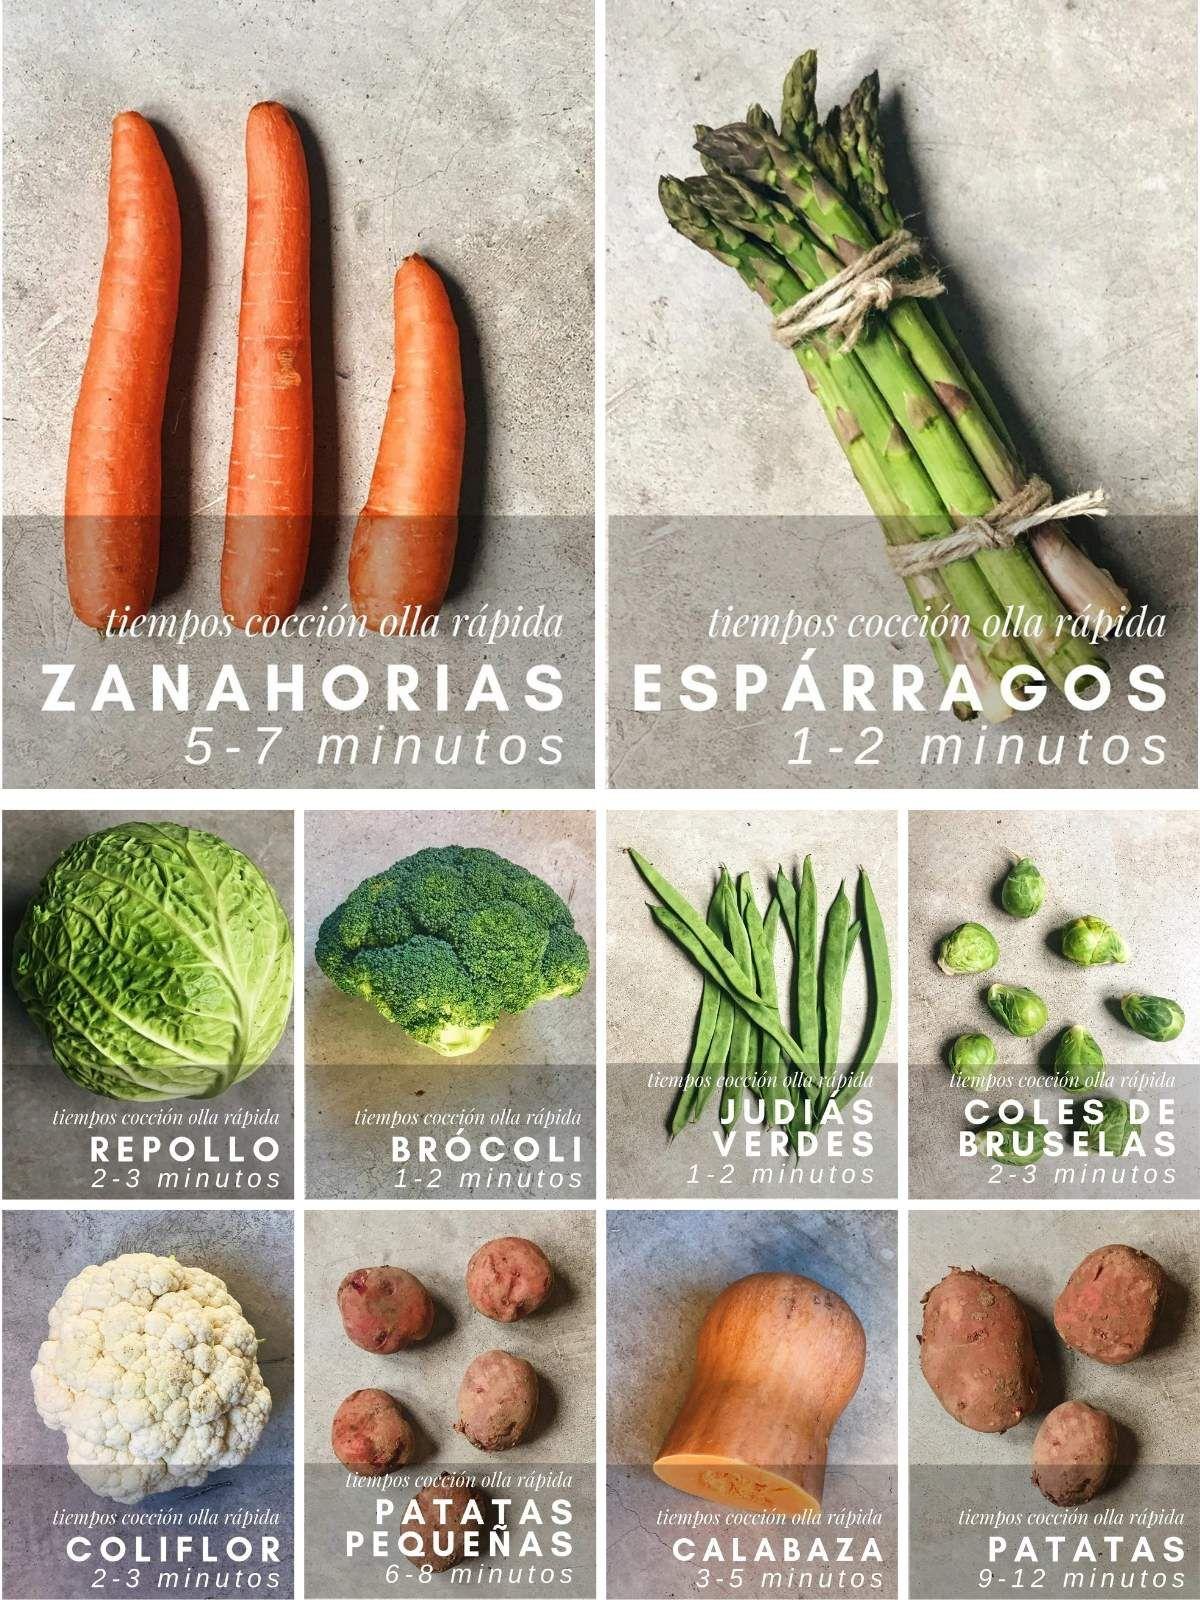 Tiempo De Coccion De Verduras En La Olla Rapida Delicious Spanish Food Comida Rica Y Saludable Verduras Coccion